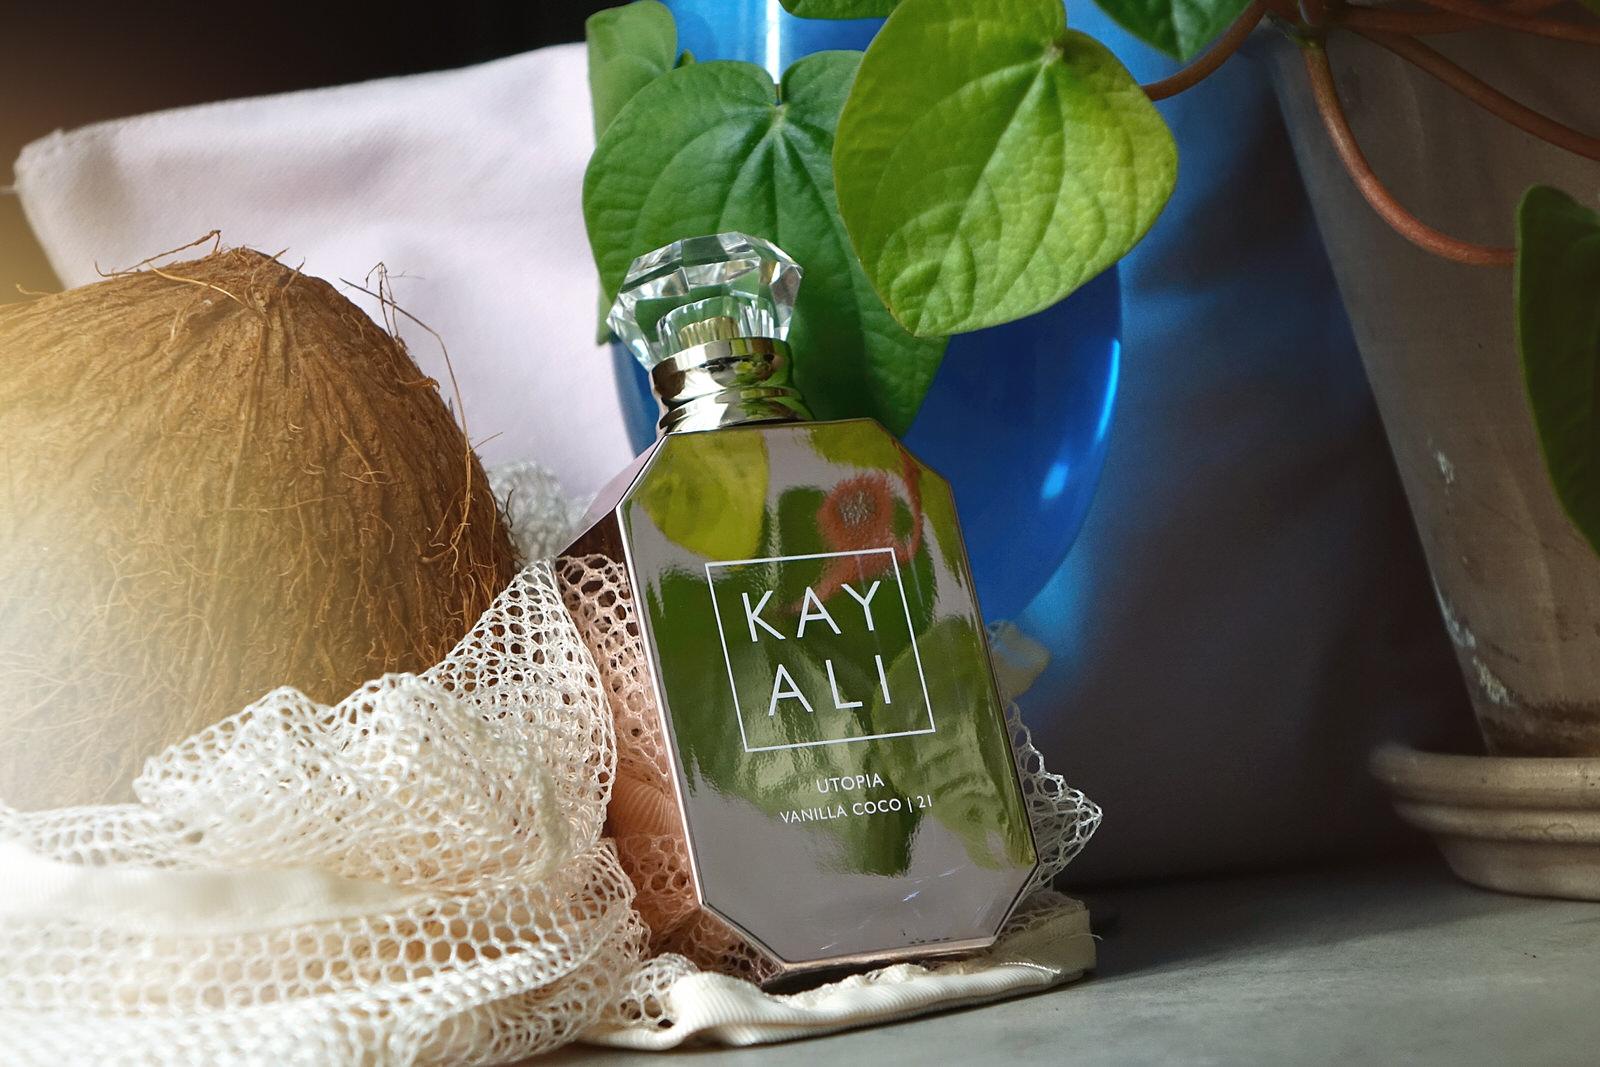 Utopia de Kayali, parfum d'été vanille coco